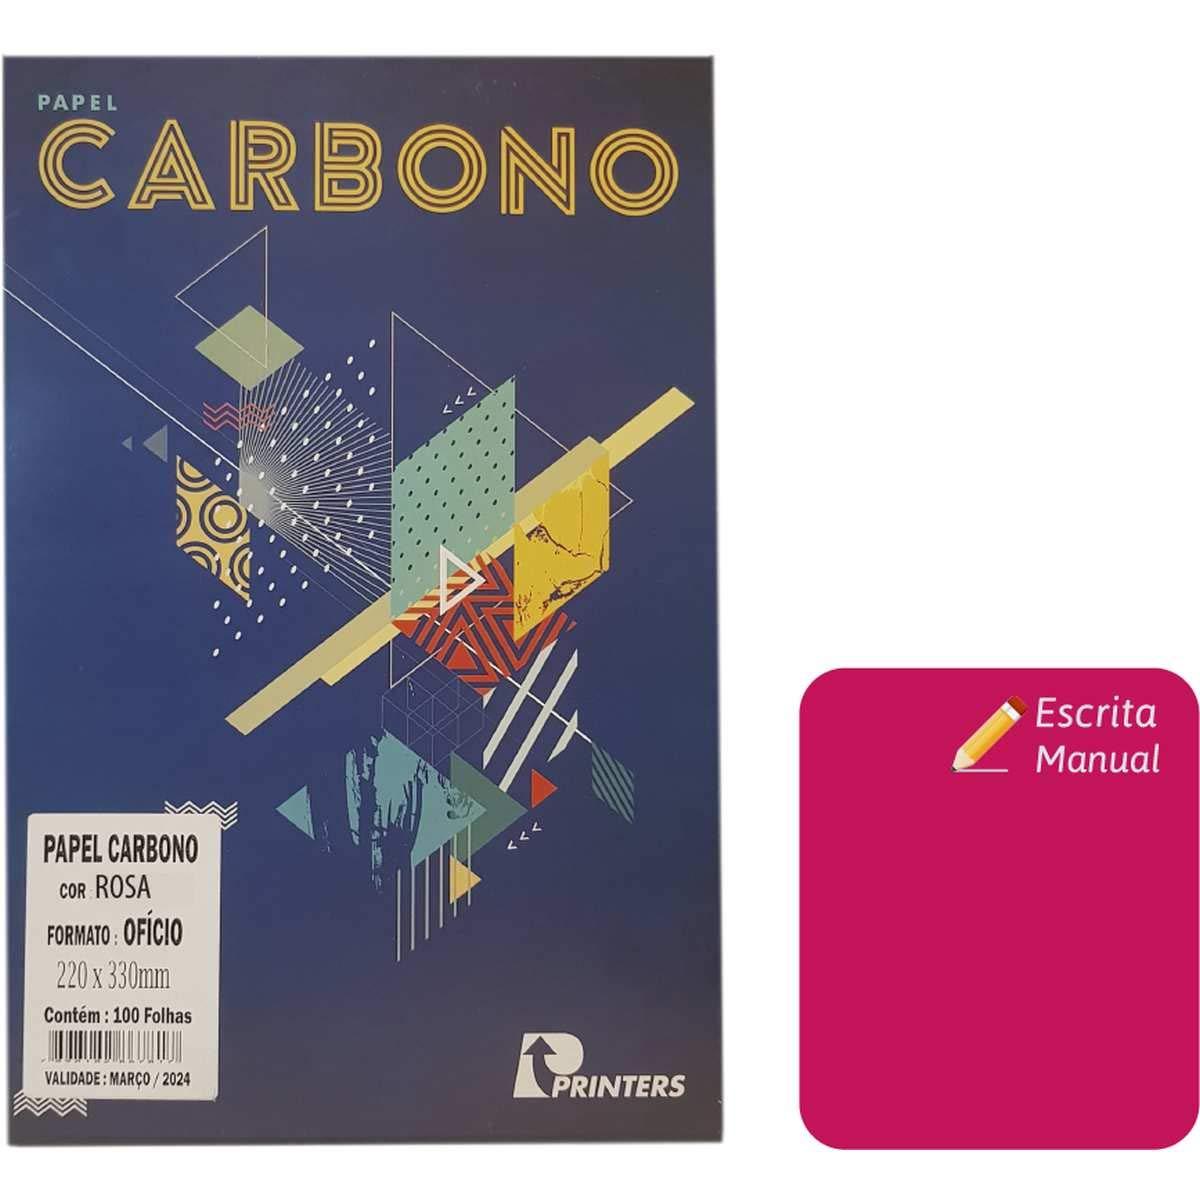 Carbono manual ofício rosa Printers Franklin pacote com 100 folhas